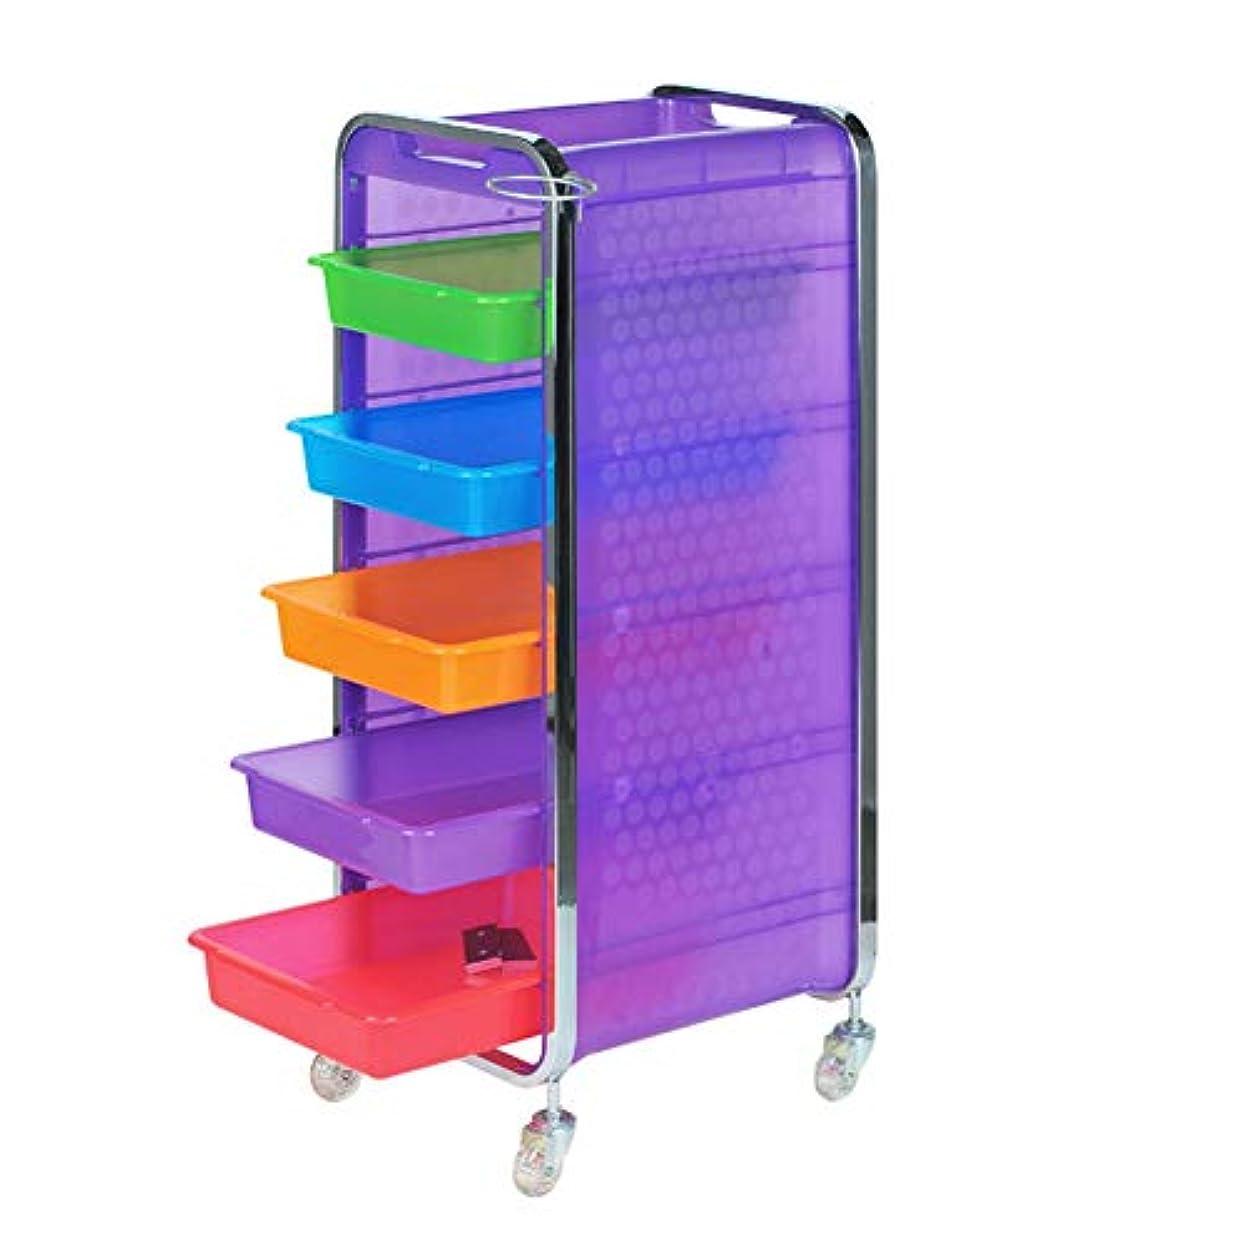 栄光ちっちゃいスマッシュサロン美容院トロリー美容美容収納カート6層トレイ多機能引き出し虹色,Purple,B